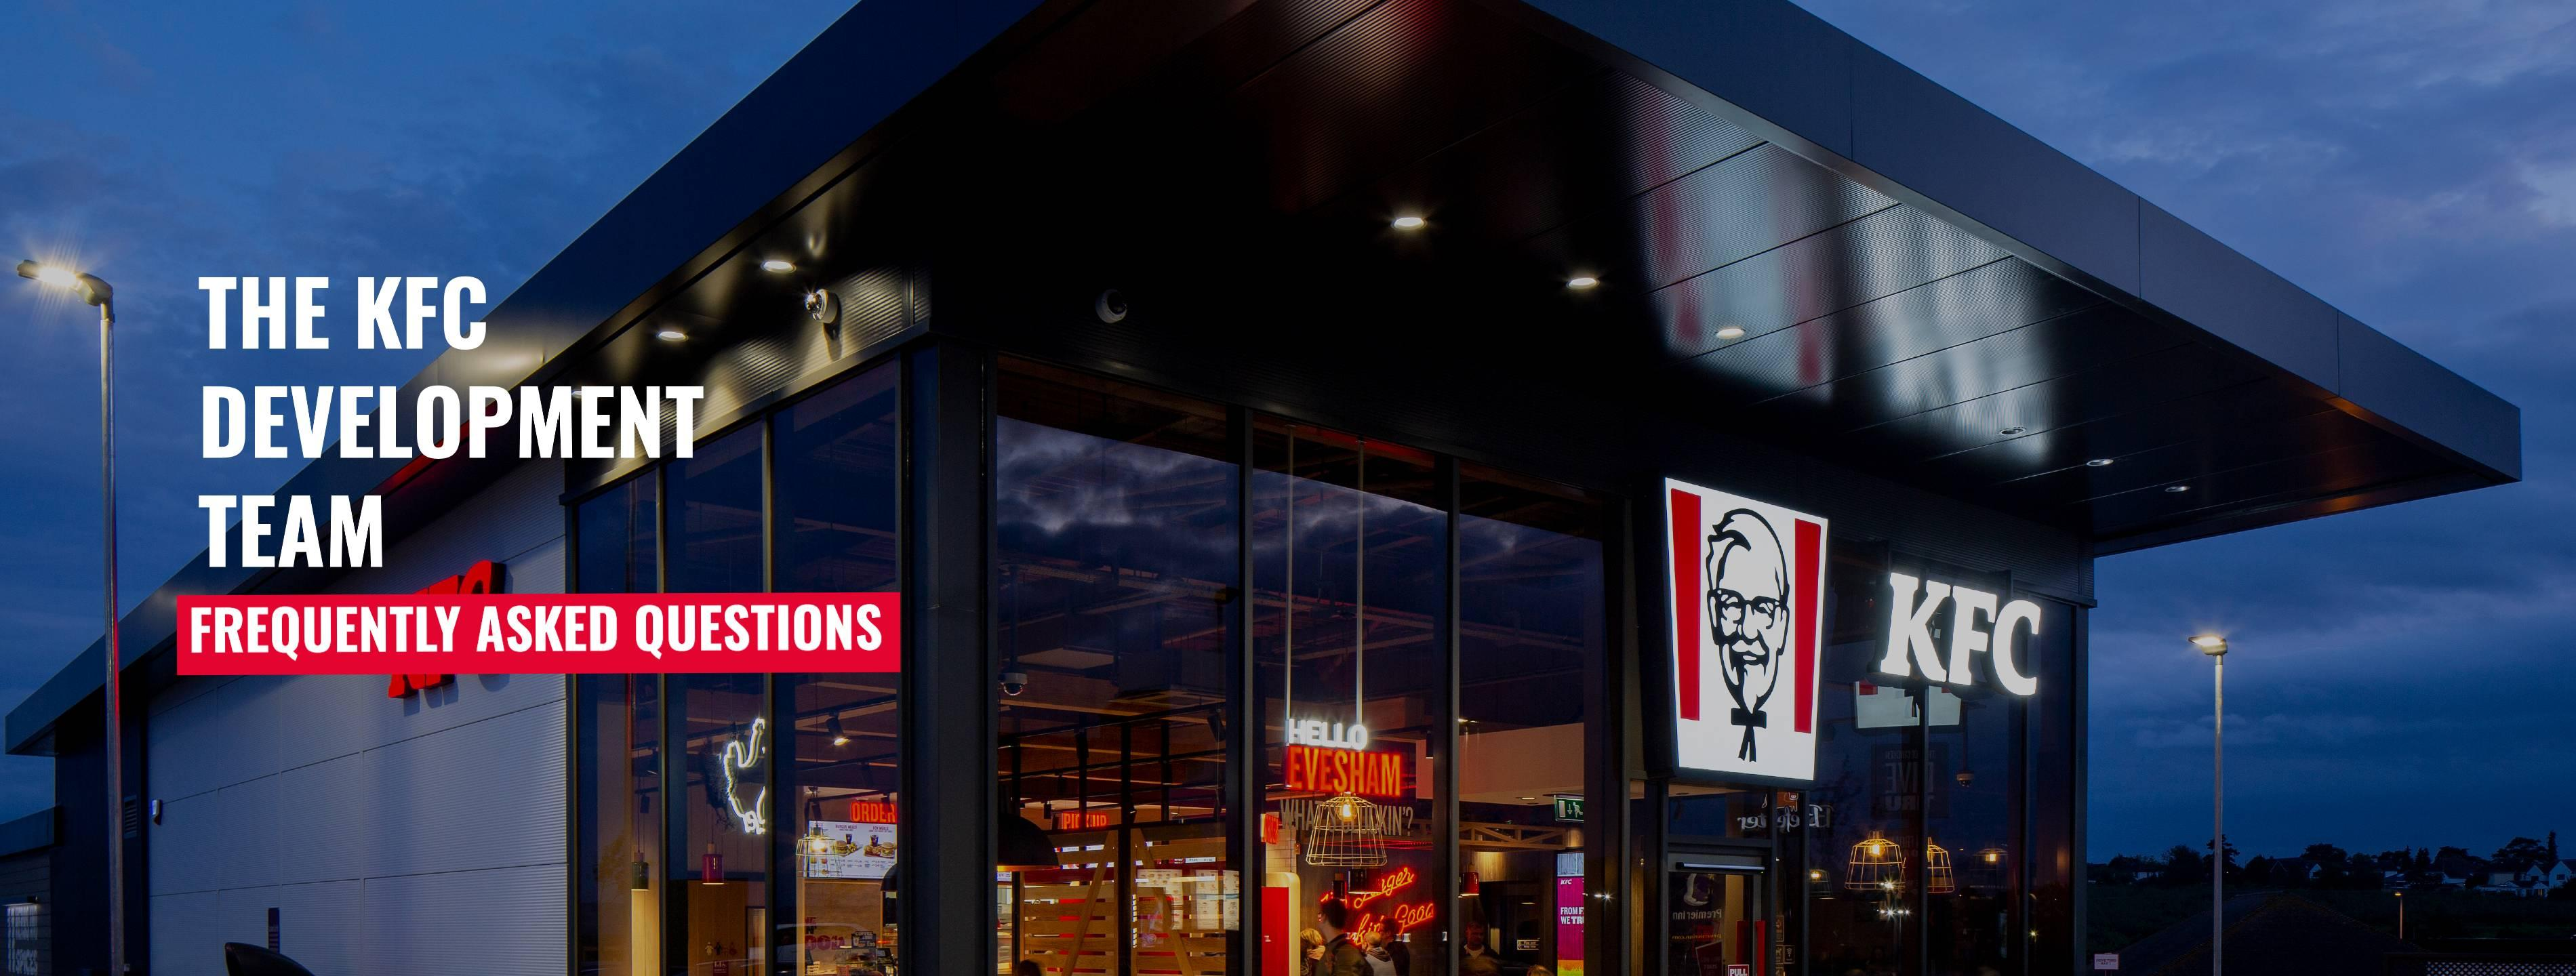 KFC DEVELOPMENT FAQS